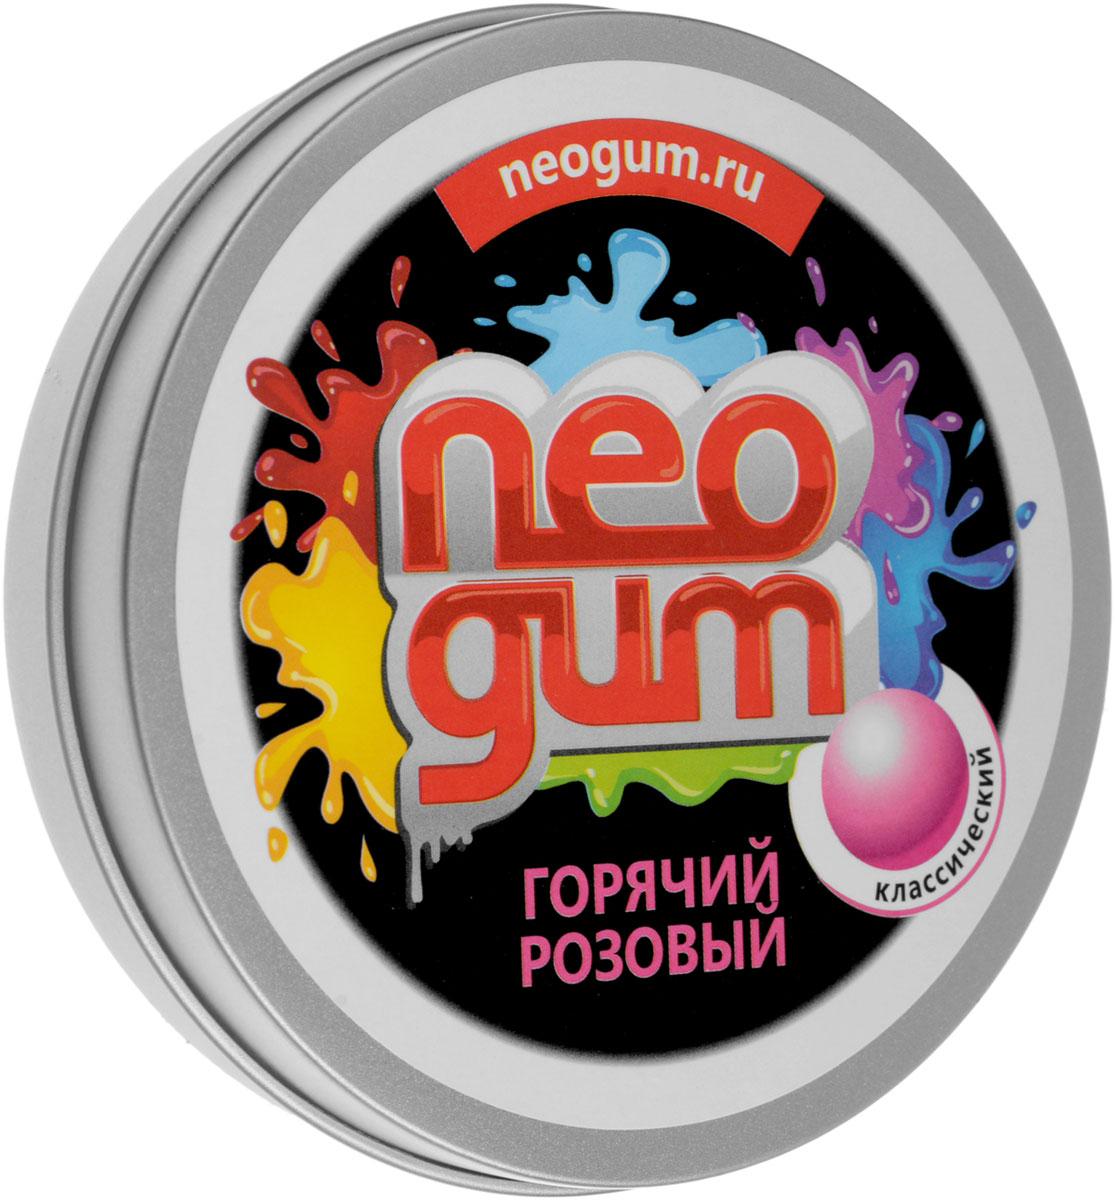 Neogum Жвачка для рук Горячий розовый жвачка для рук жвачка для рук neogum золото ng7029